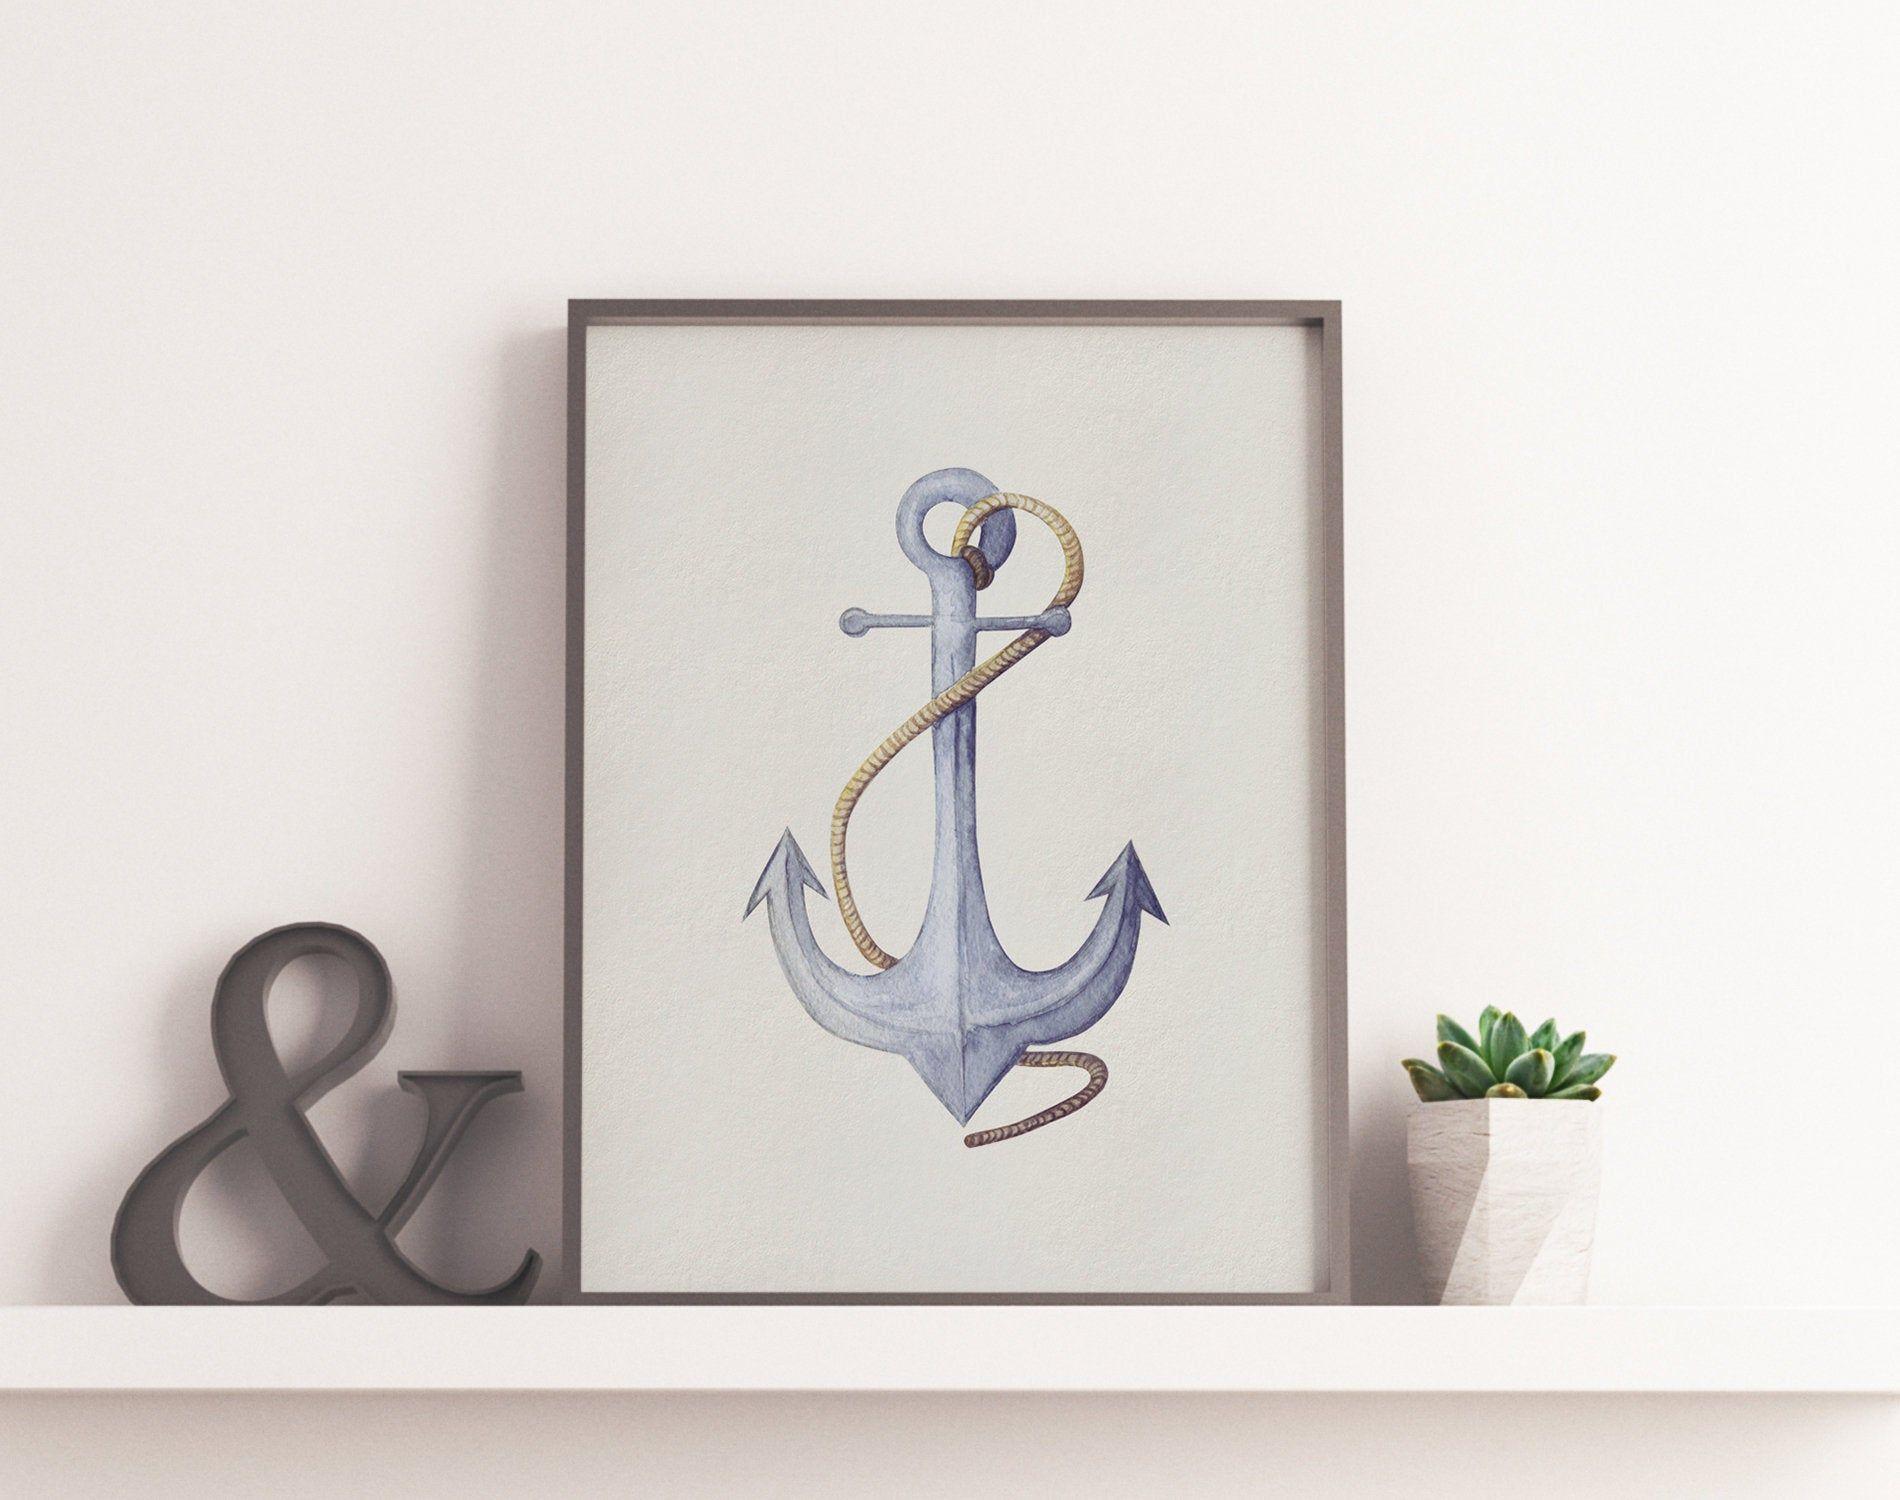 Watercolor Anchor Wall Art Decor Nautical Printable Painting Etsy In 2020 Anchor Wall Art Nautical Print Wall Art Decor